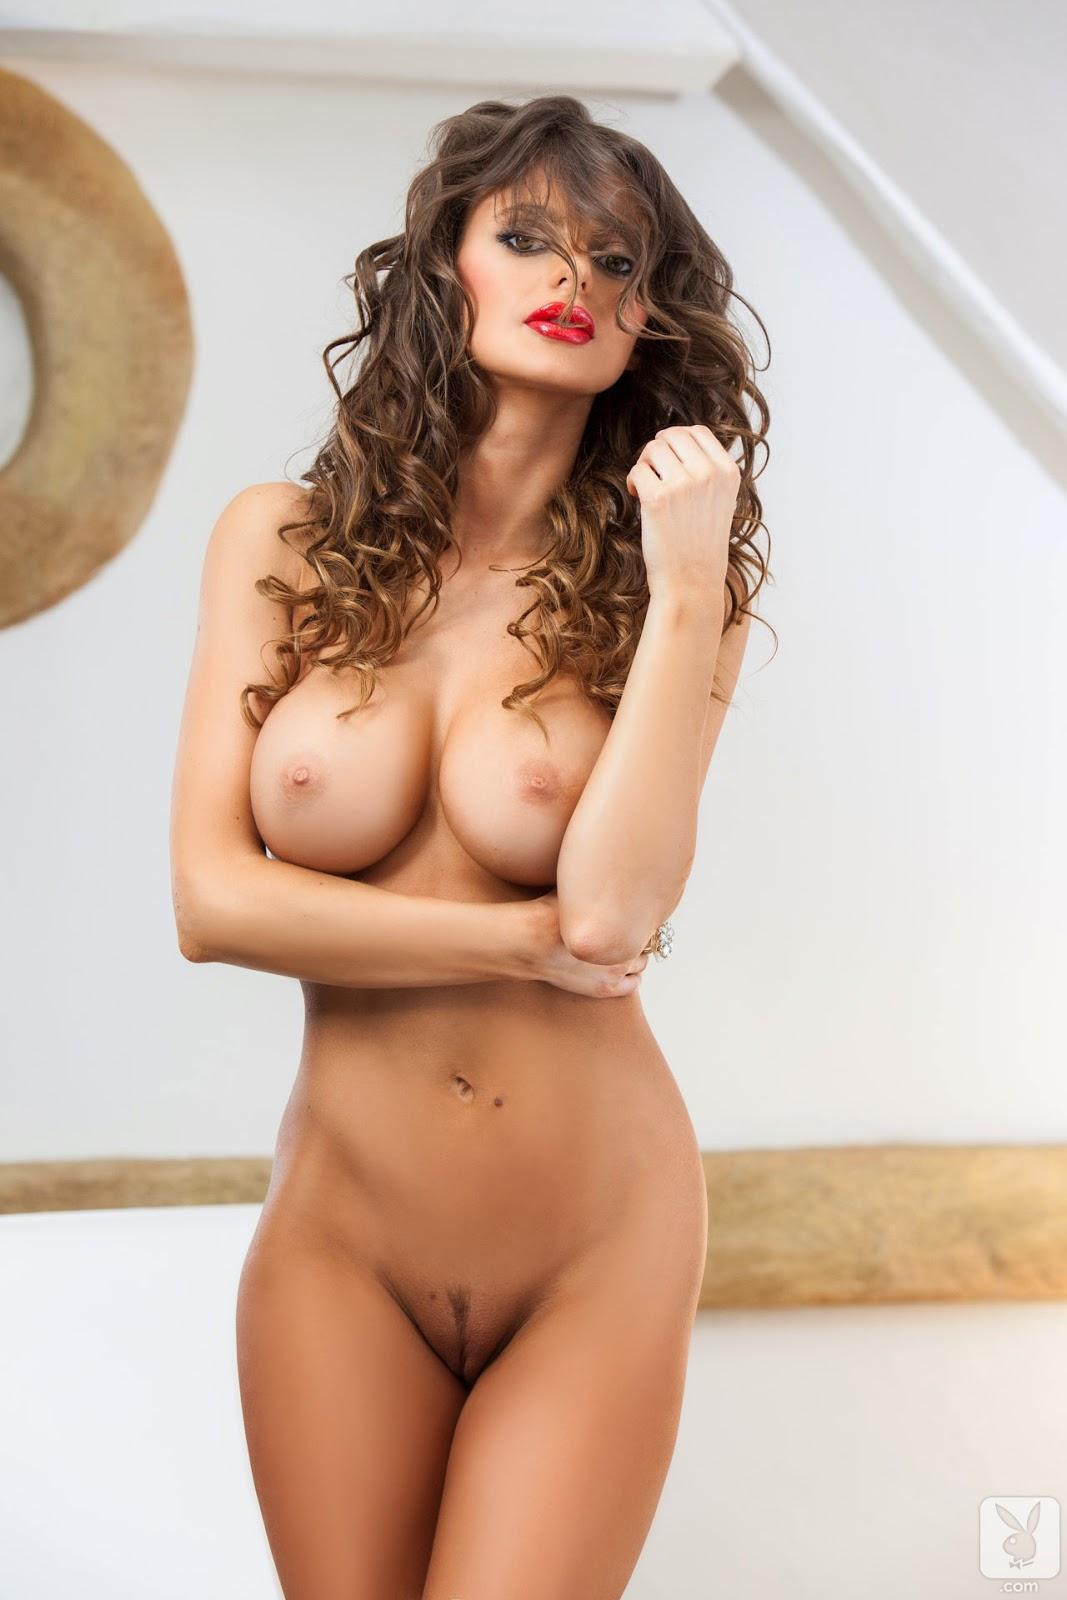 simone style sex pics